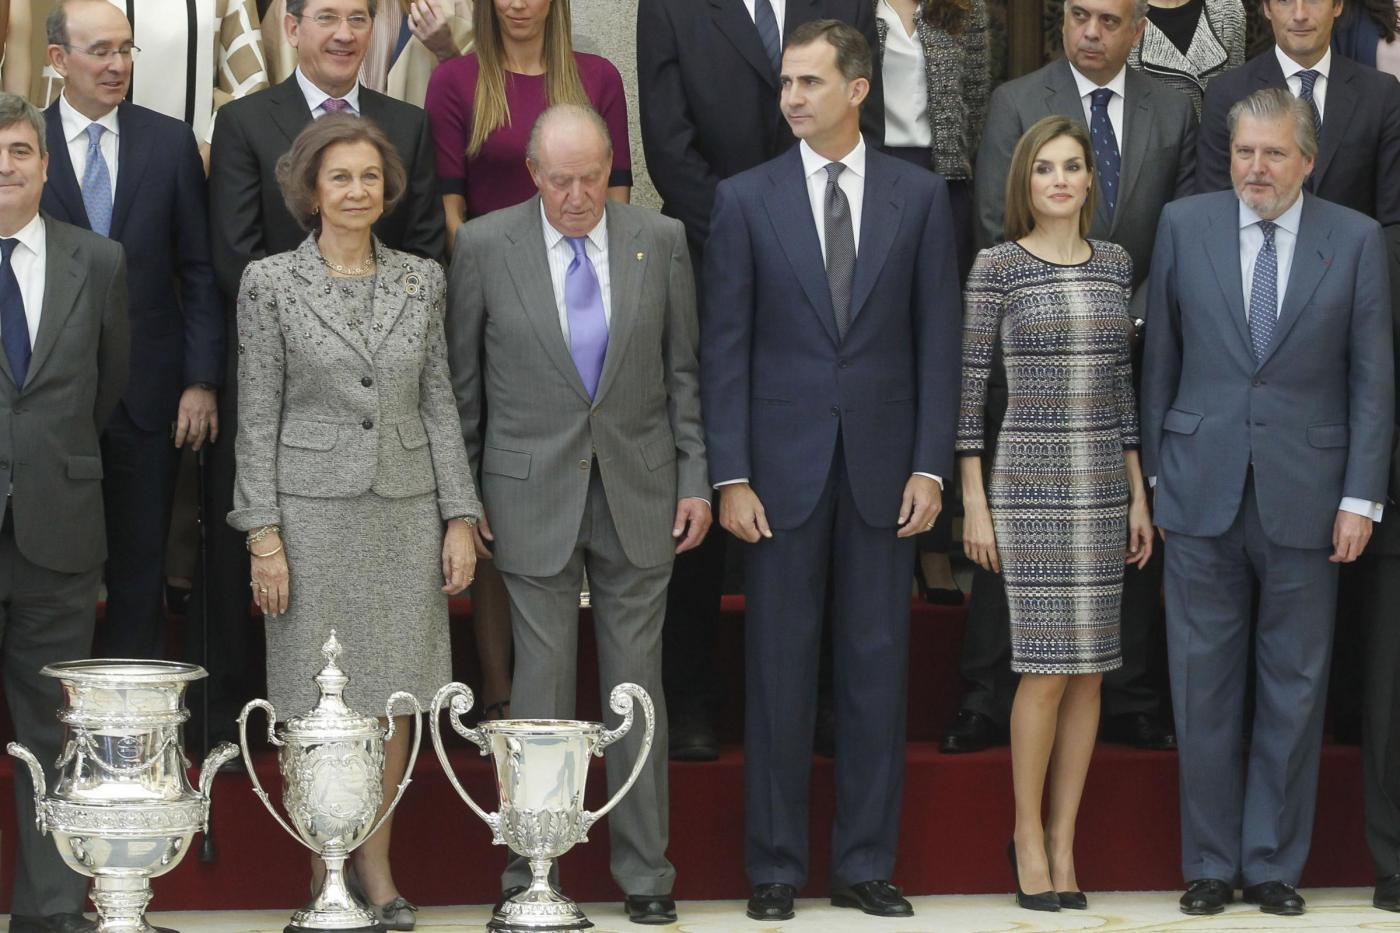 Letizia Ortiz, Melissa Satta: tubini e gambe in vista FOTO